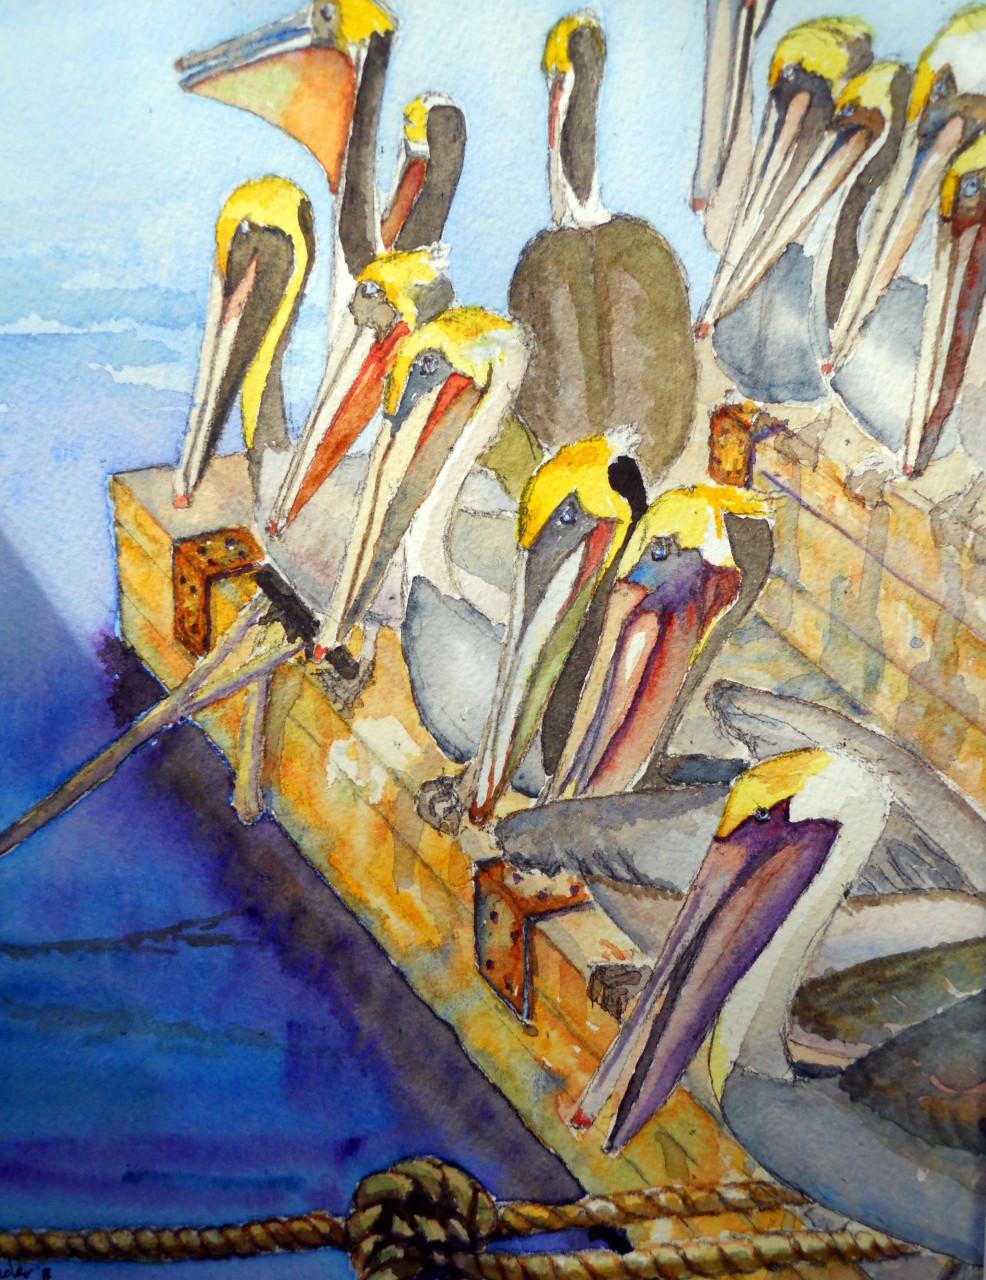 Santa Barbara Harbor Pelicans